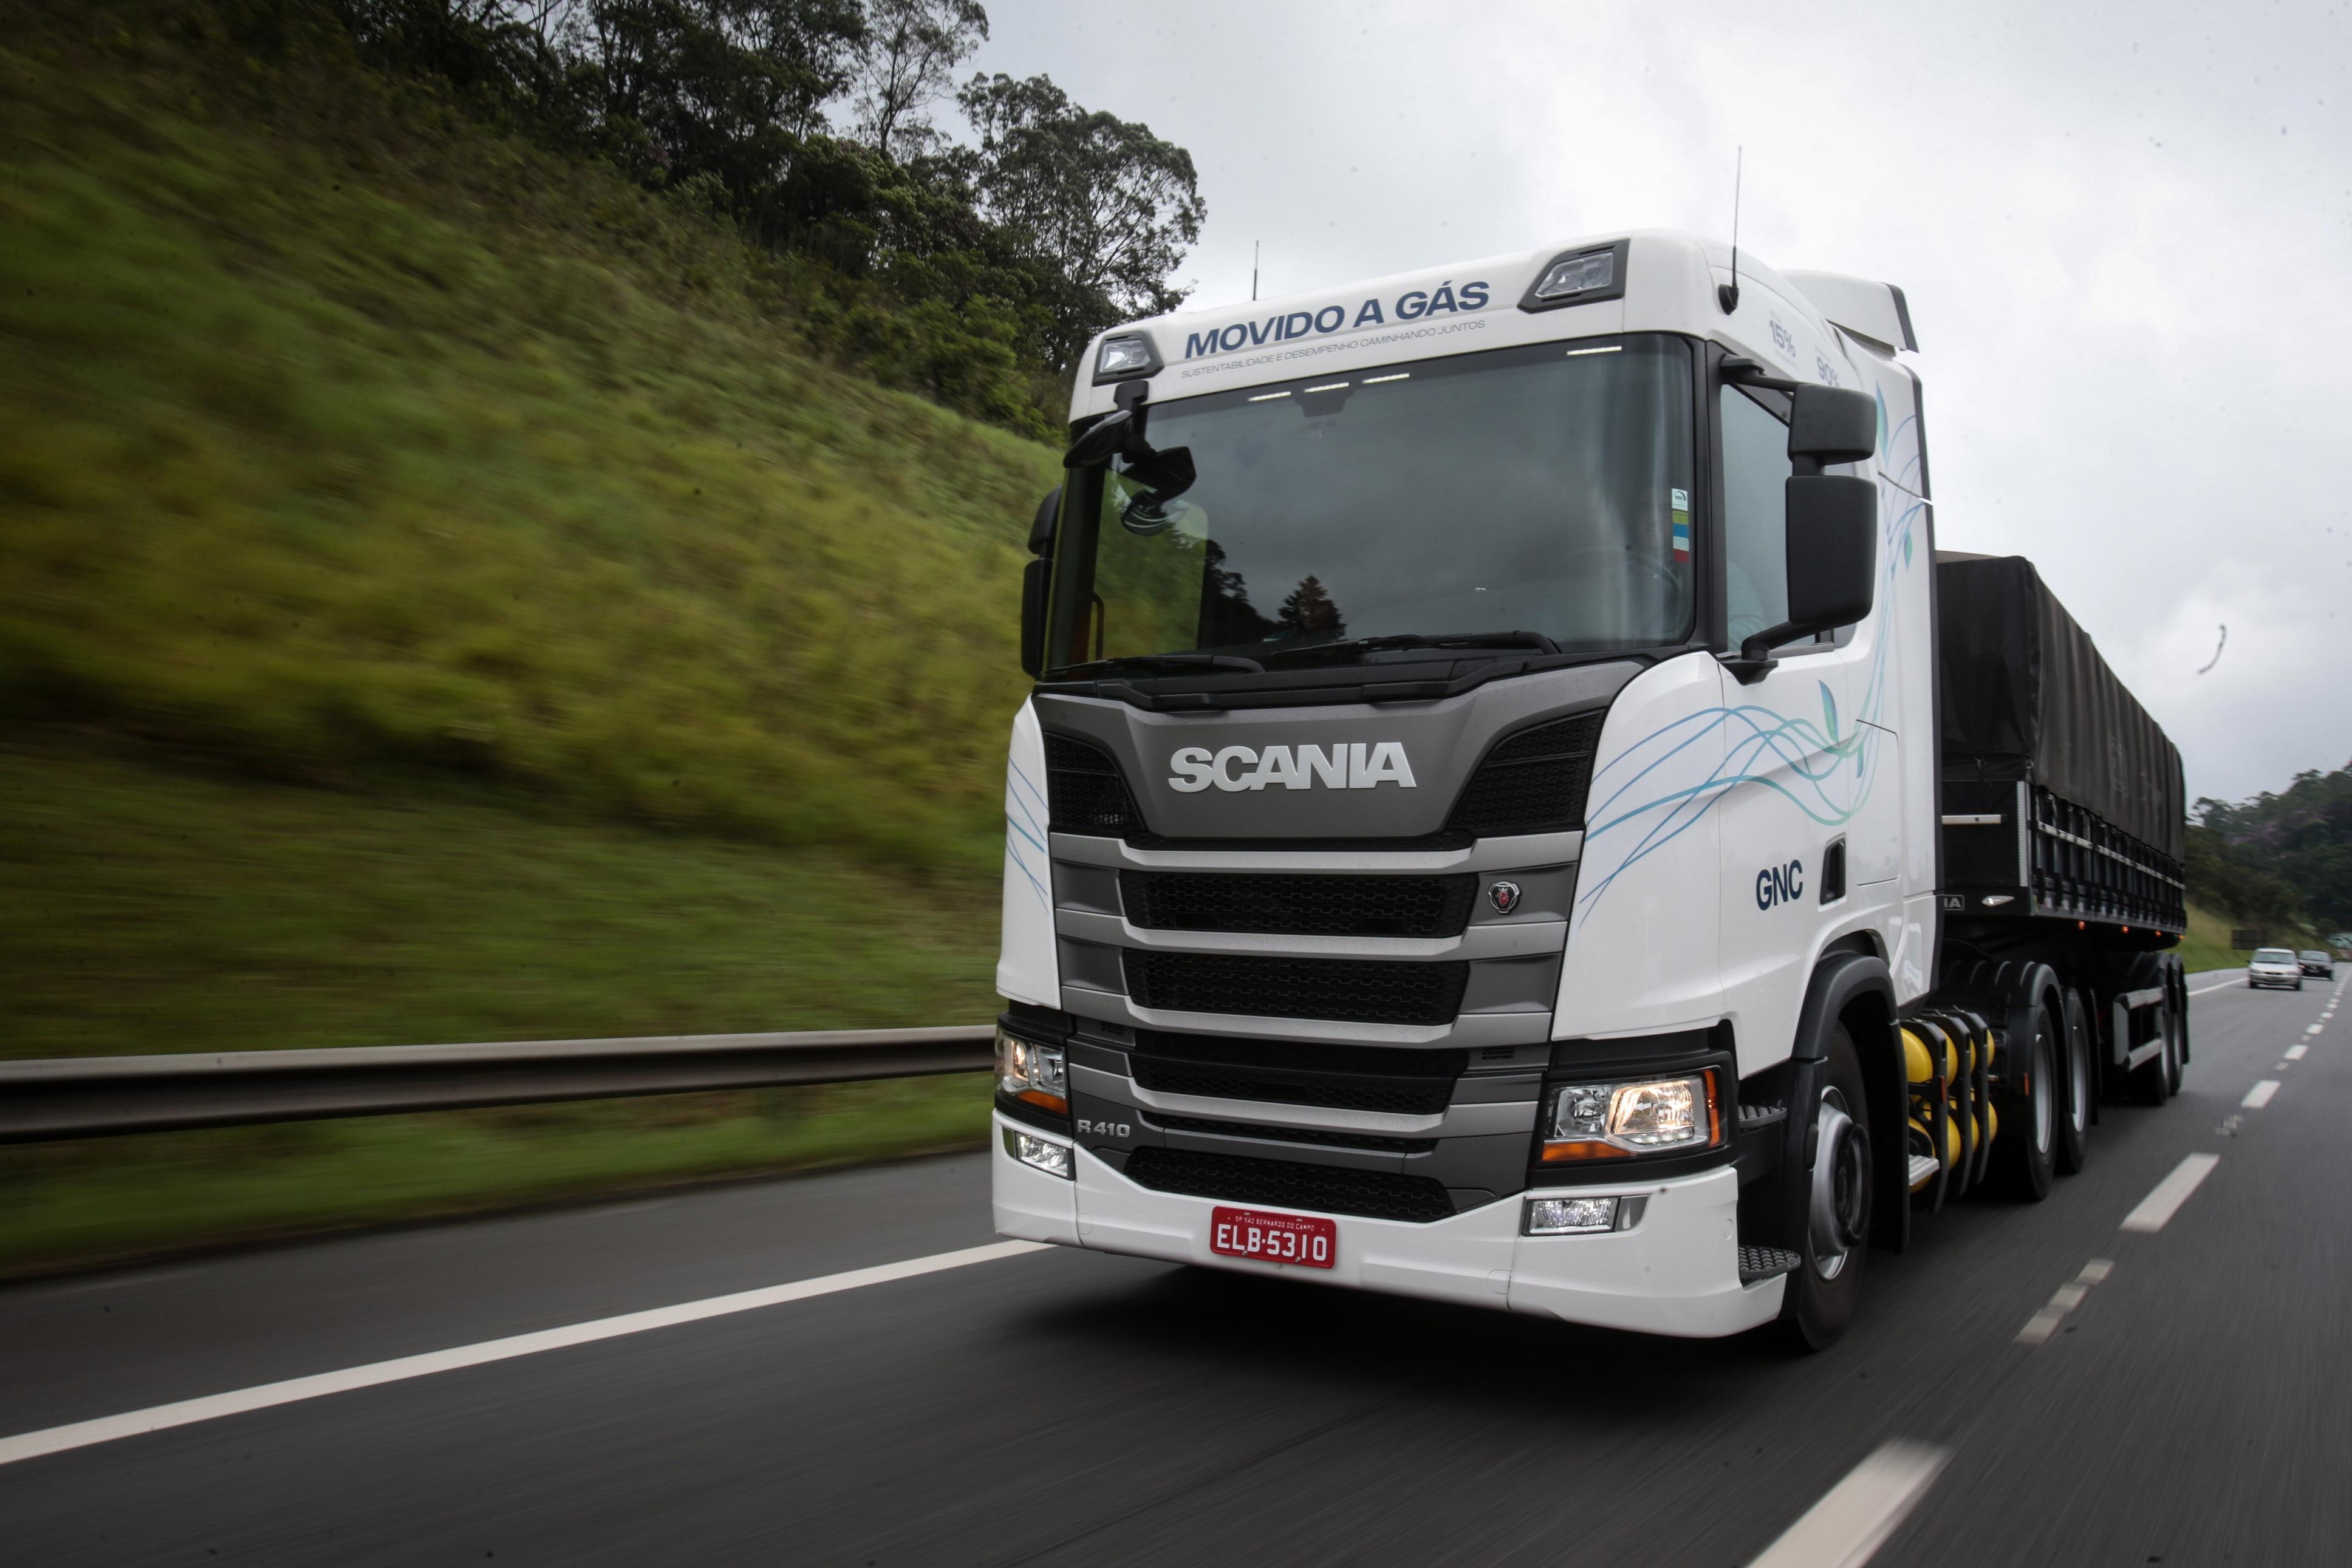 O motor do caminhão Scania a gás faz as mesmas entregas de potência e torque se comparado ao diesel.